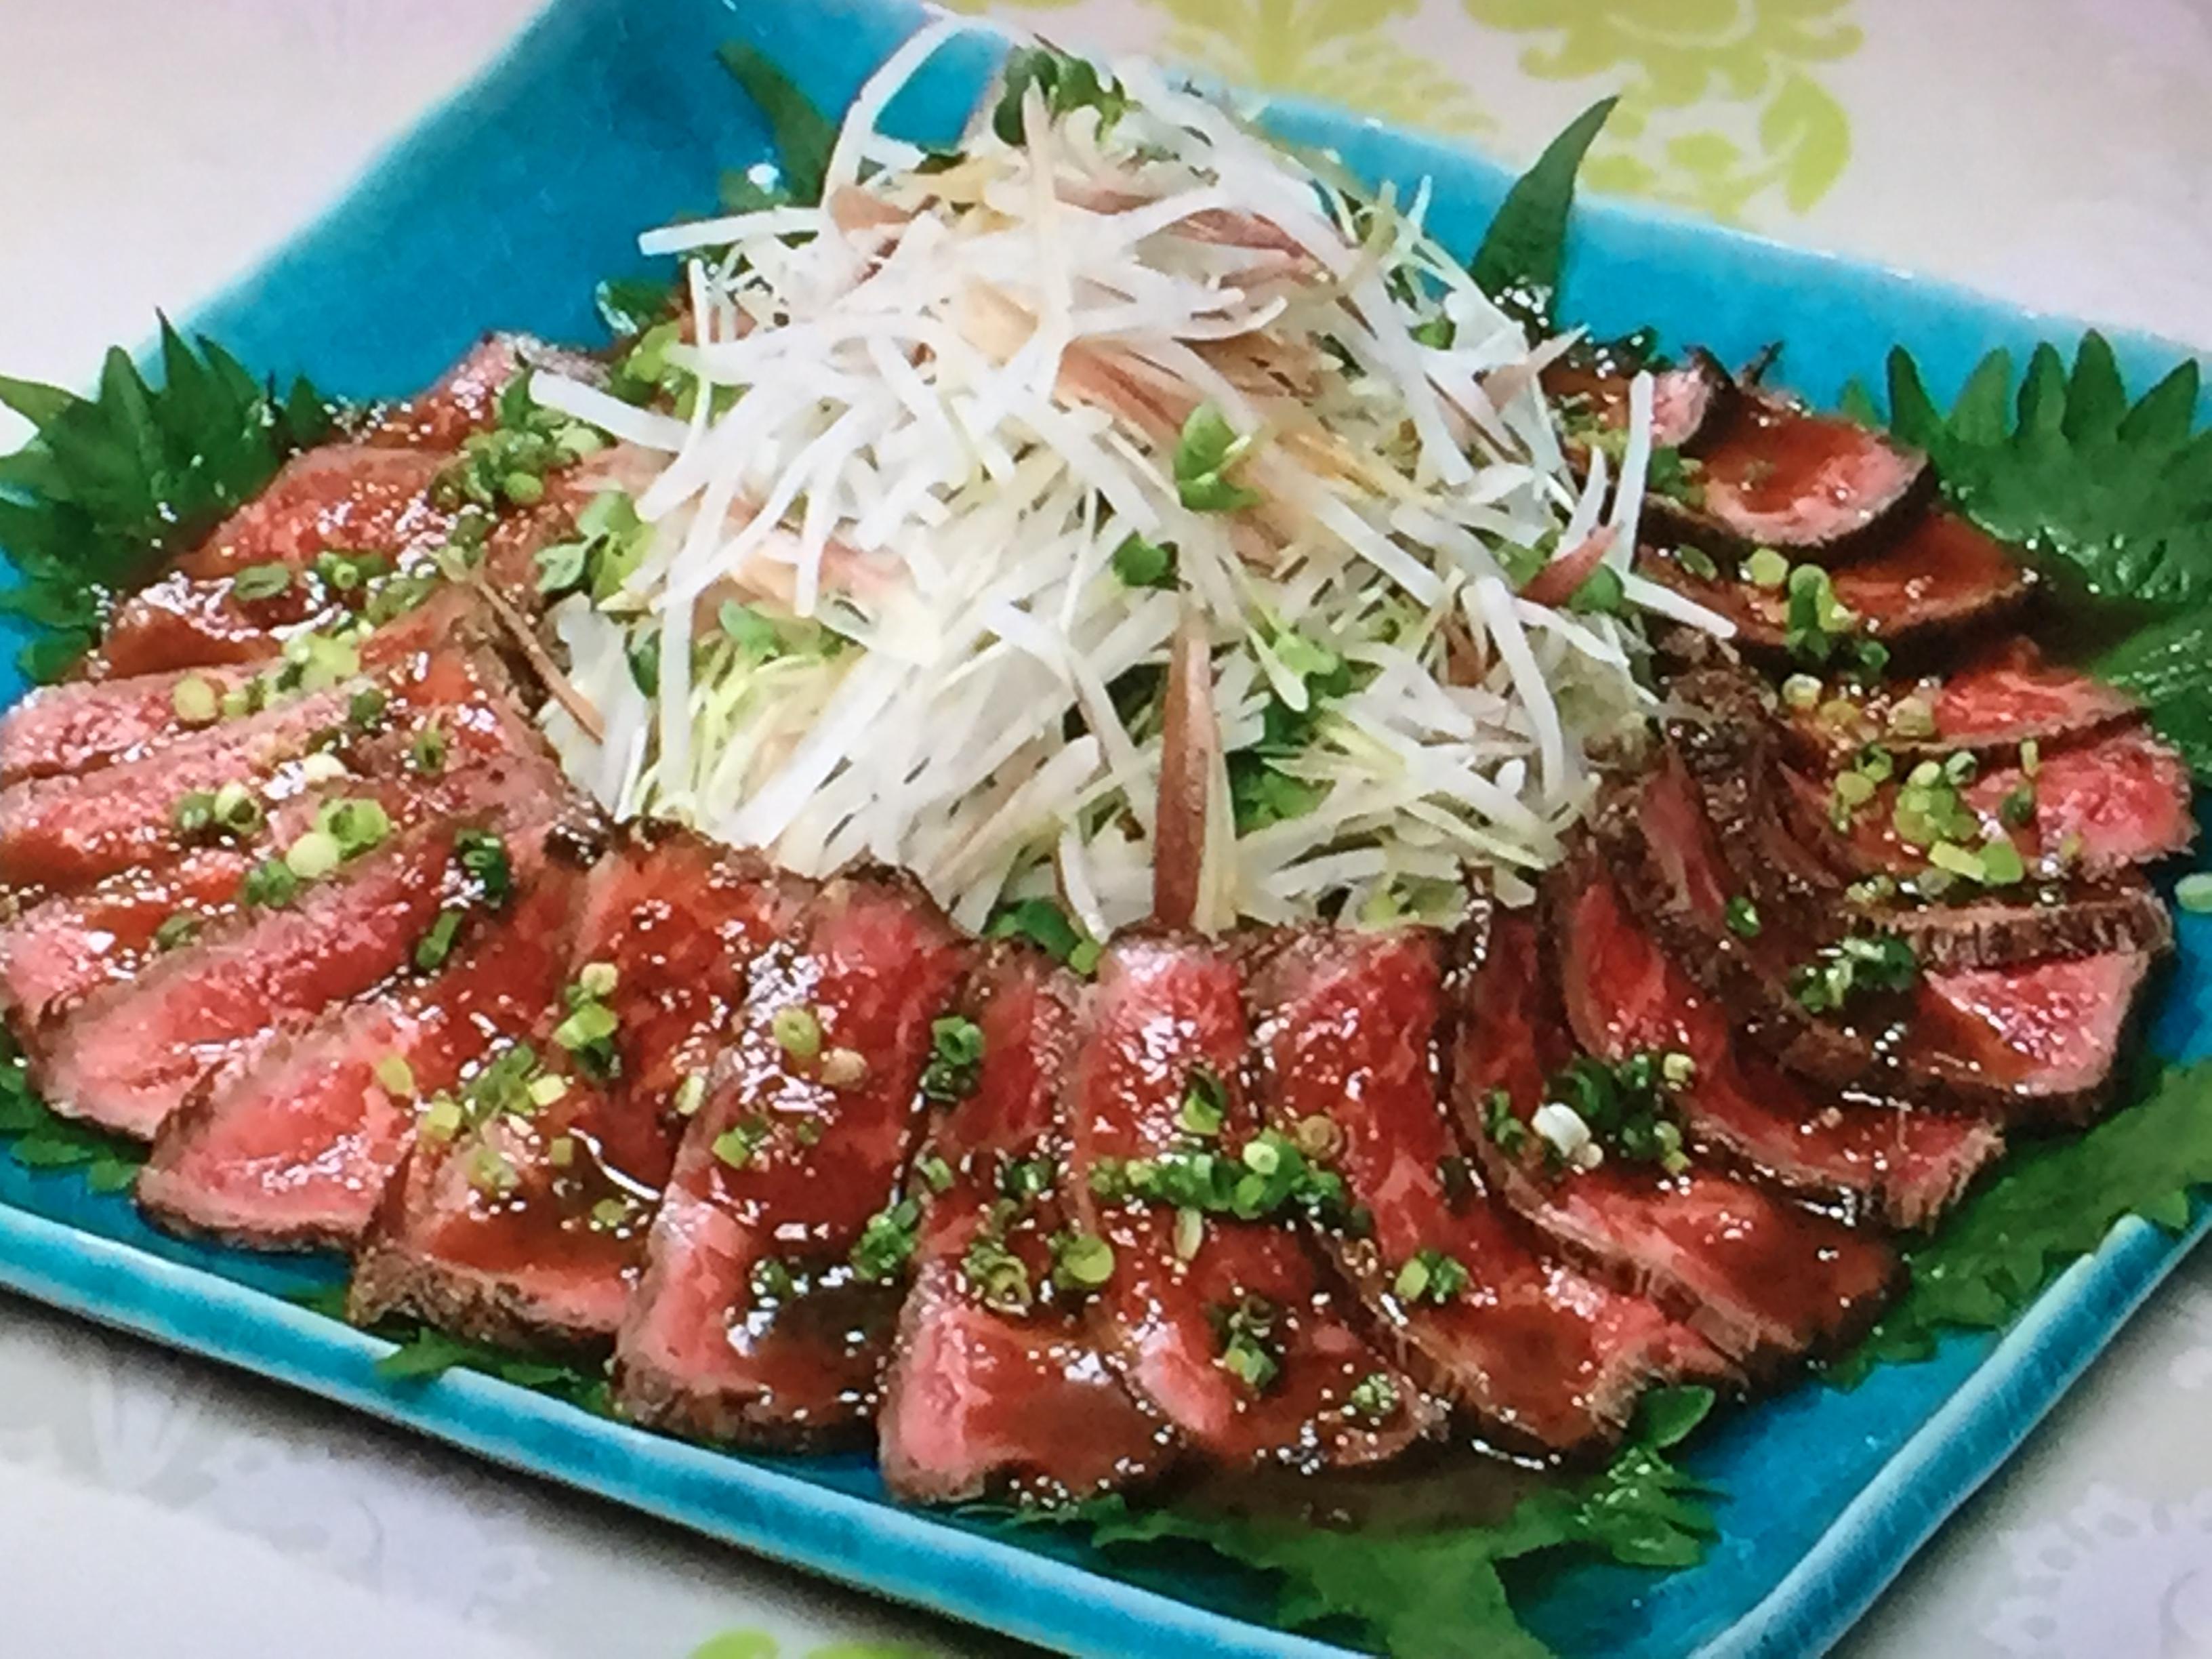 NHKきょうの料理はザミーツまこのフライパン和風ローストビーフ